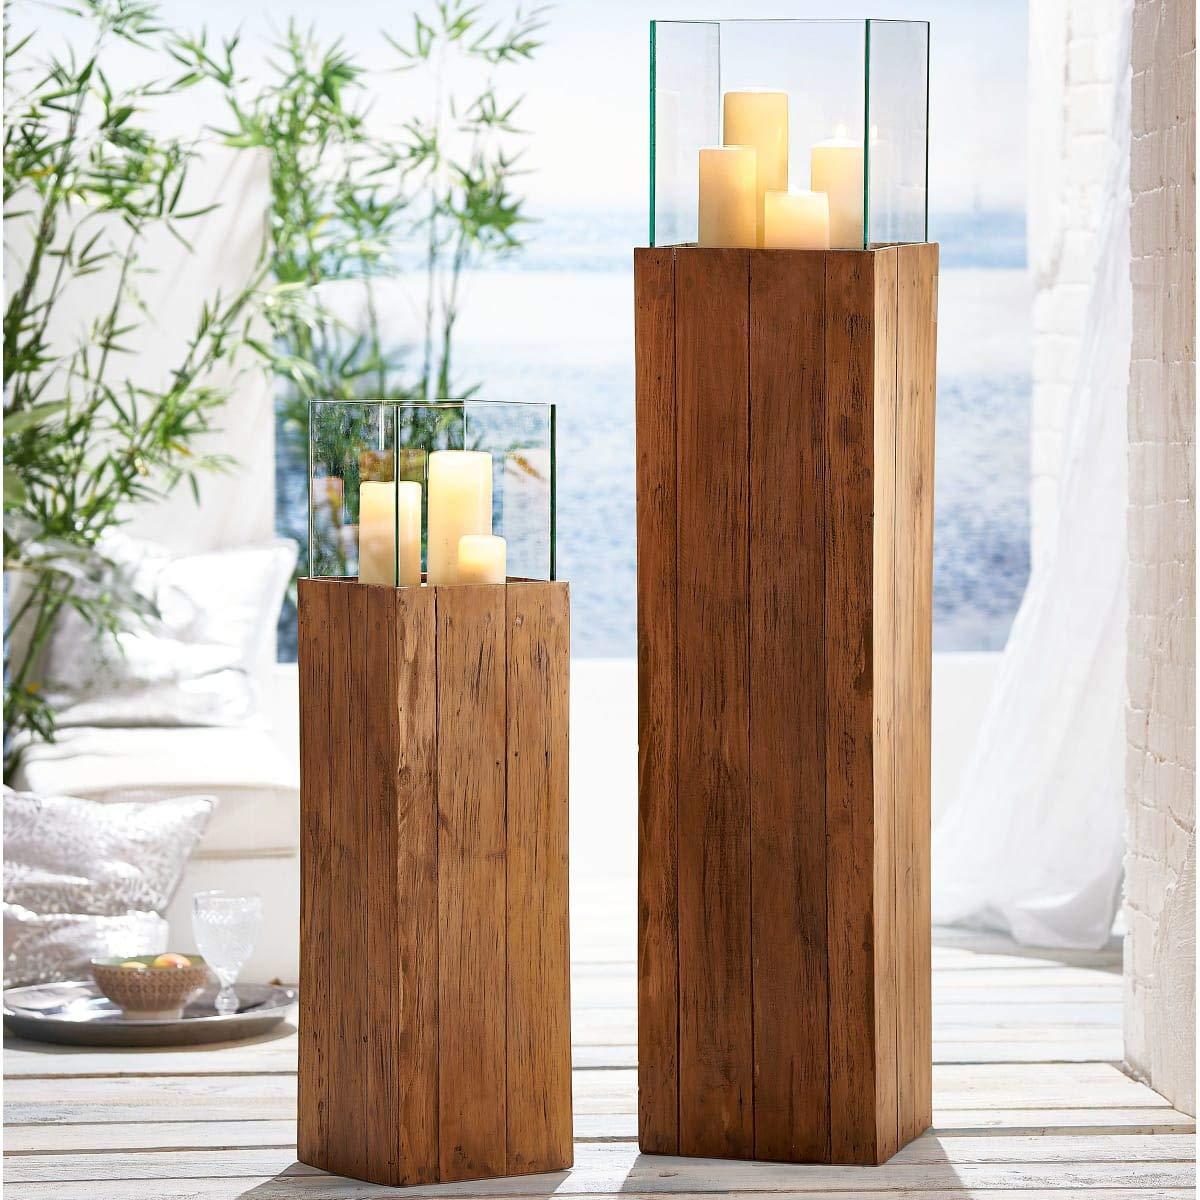 Pureday Bodenwindlicht Woody gro/ß Windlichts/äule aus Holz Natur